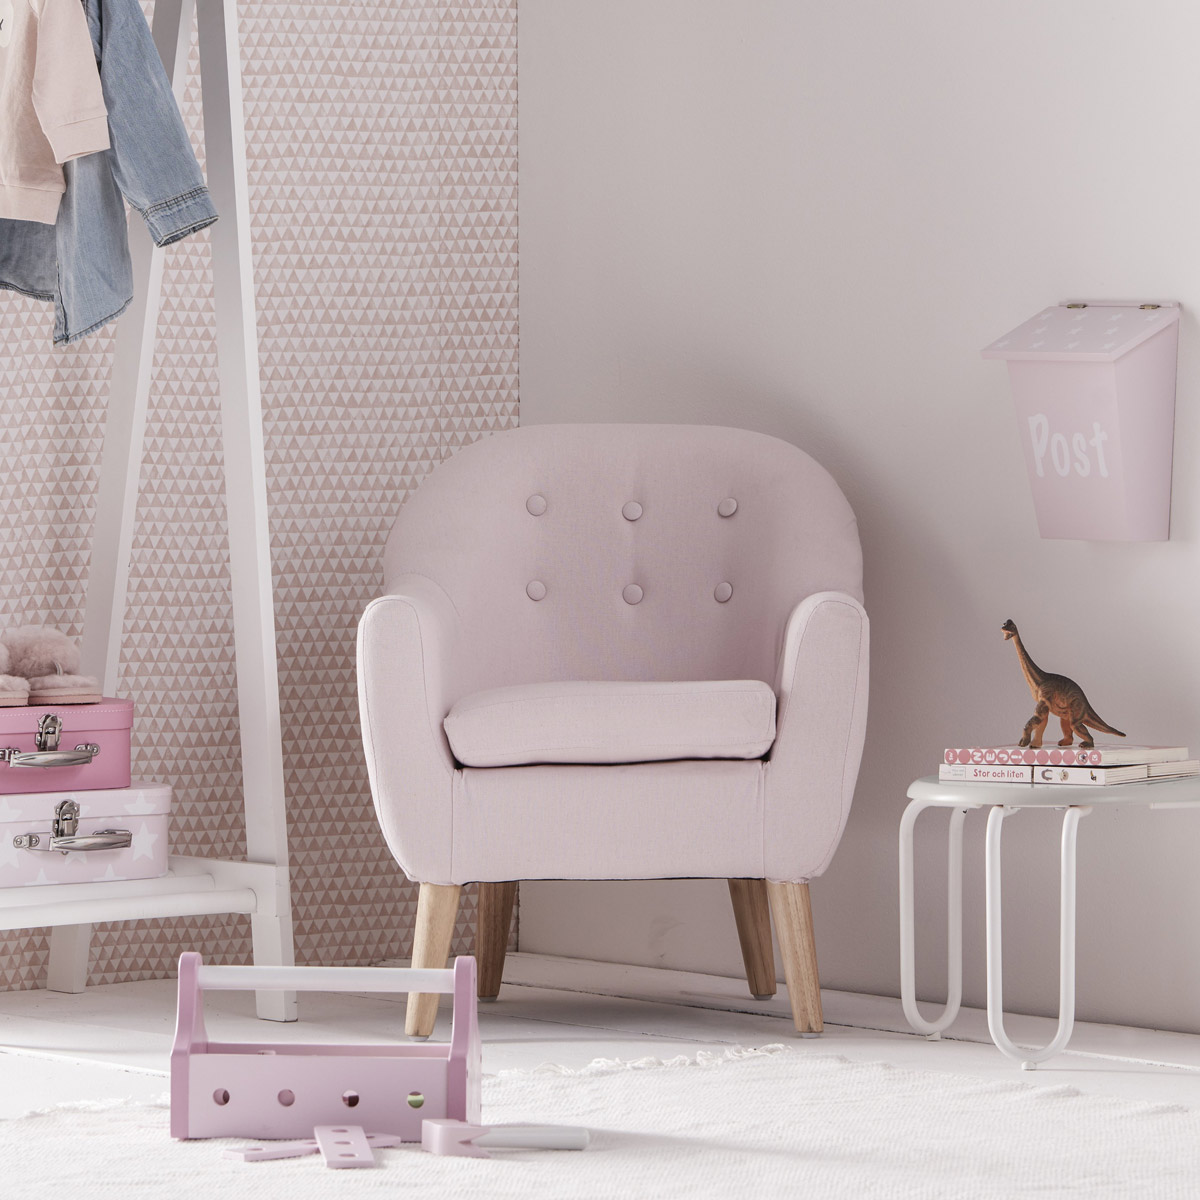 Kids Concept Sessel Rosa Furs Kinderzimmer 720093 Pirum